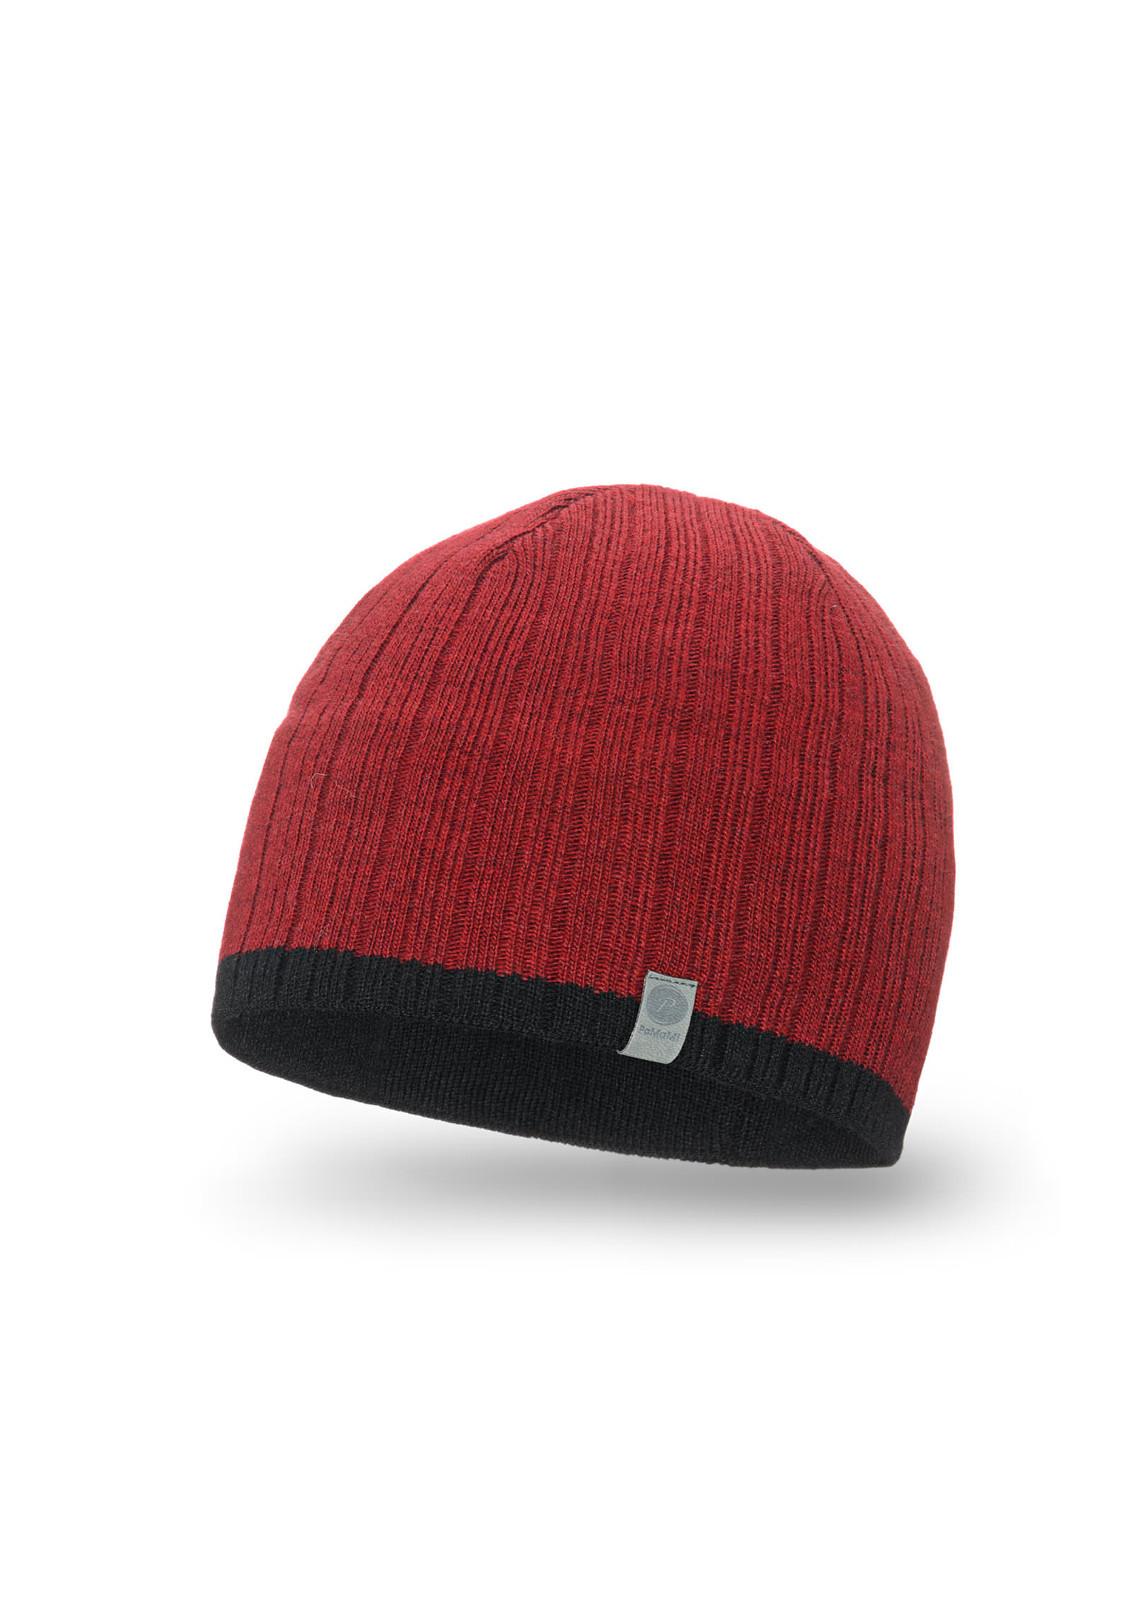 Pánská čepice 18002 - PaMaMi červeno-černá uni eb32d36cfc